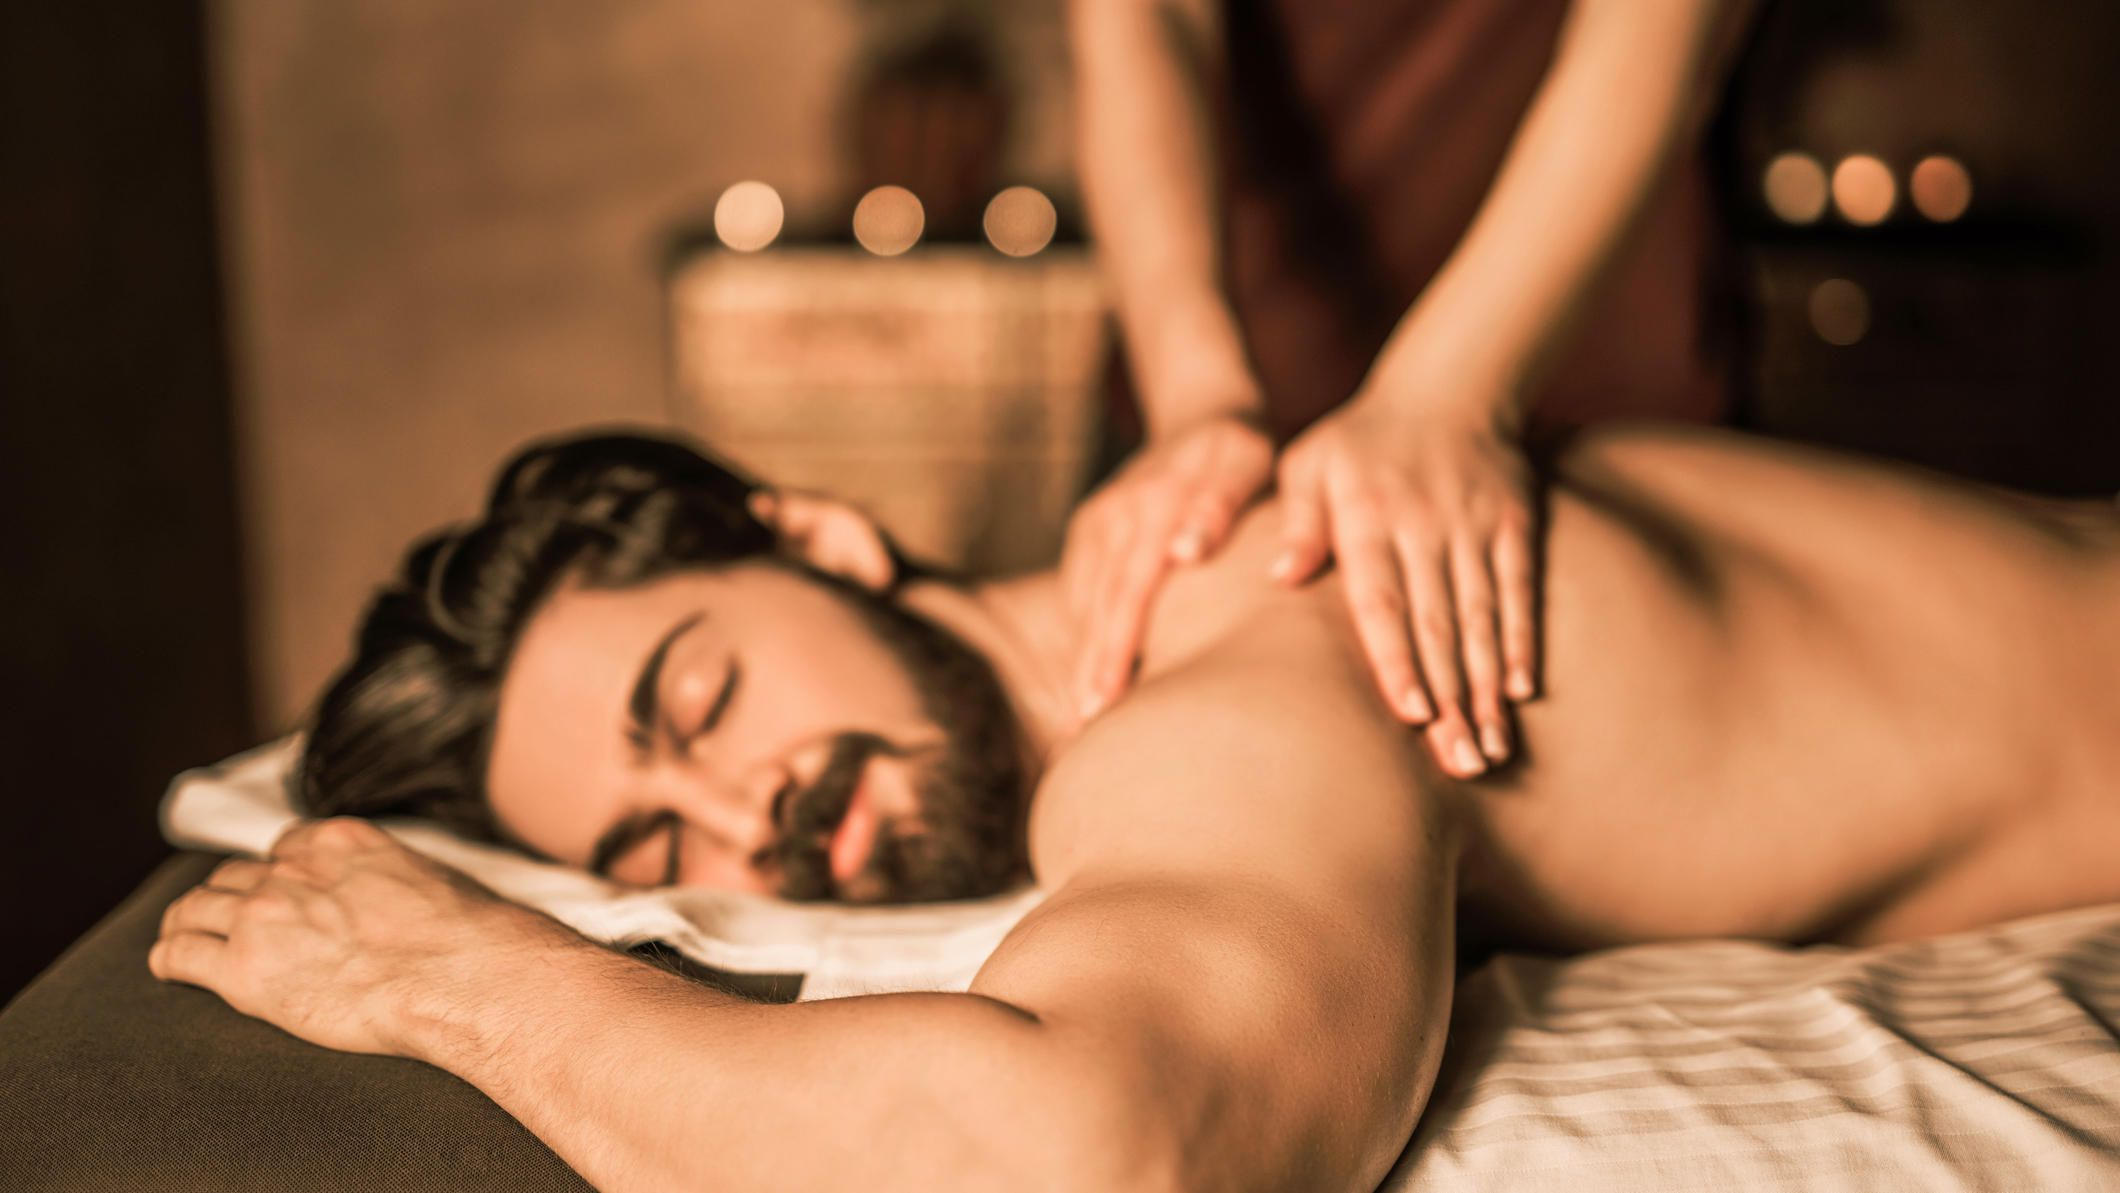 Massage Ehemann bekommt Ehefrau Der eingeölte